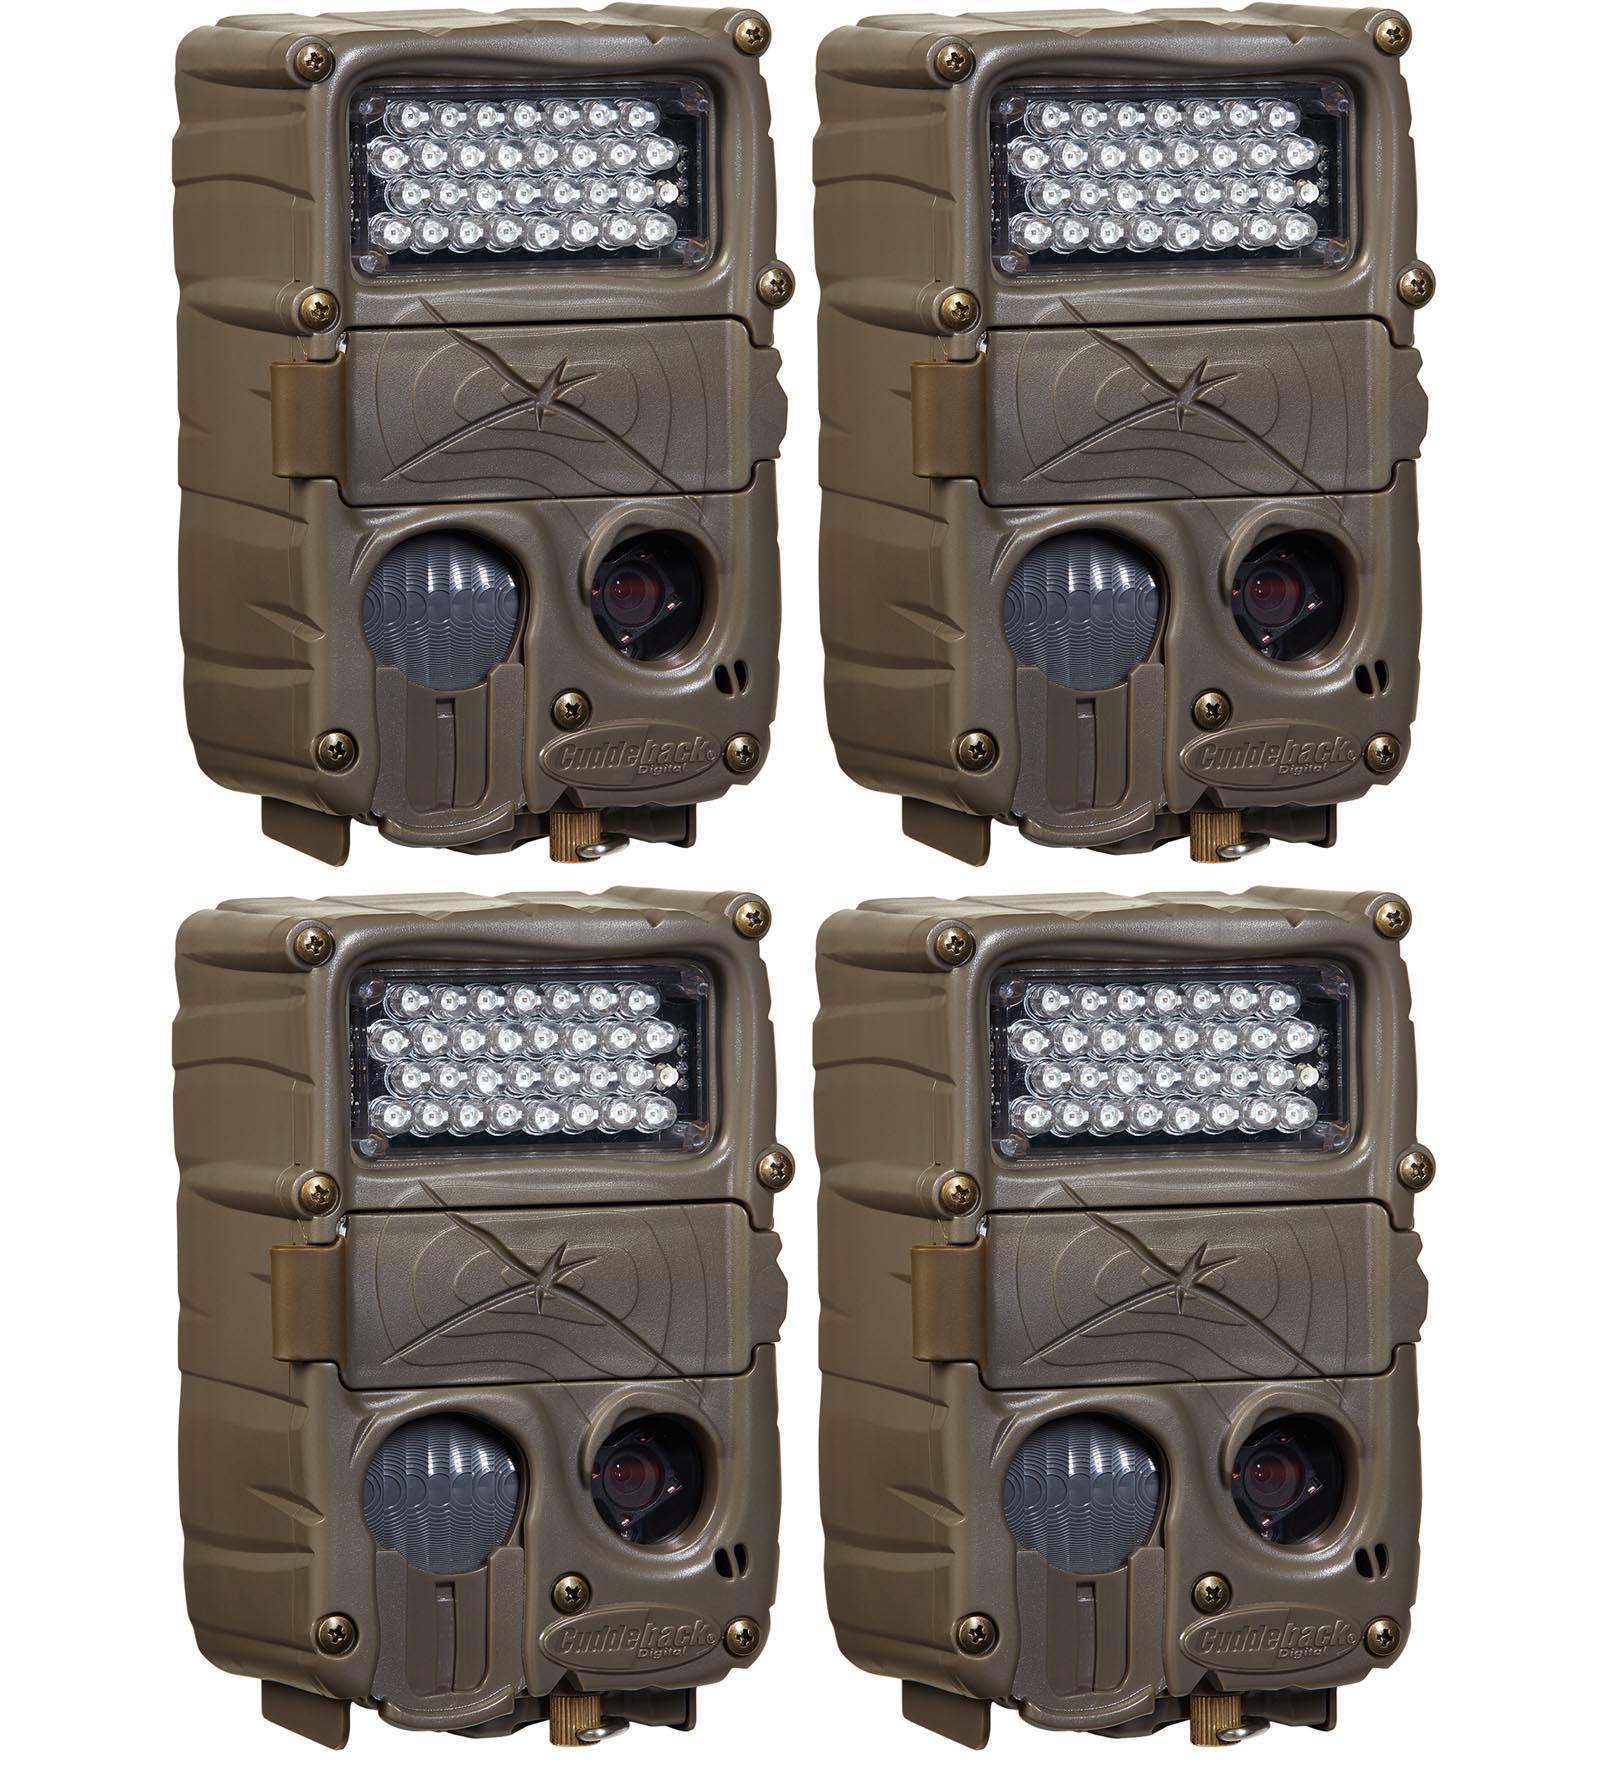 (4) CUDDEBACK C2 Long Range Xchange IR Infrared Trail Gam...